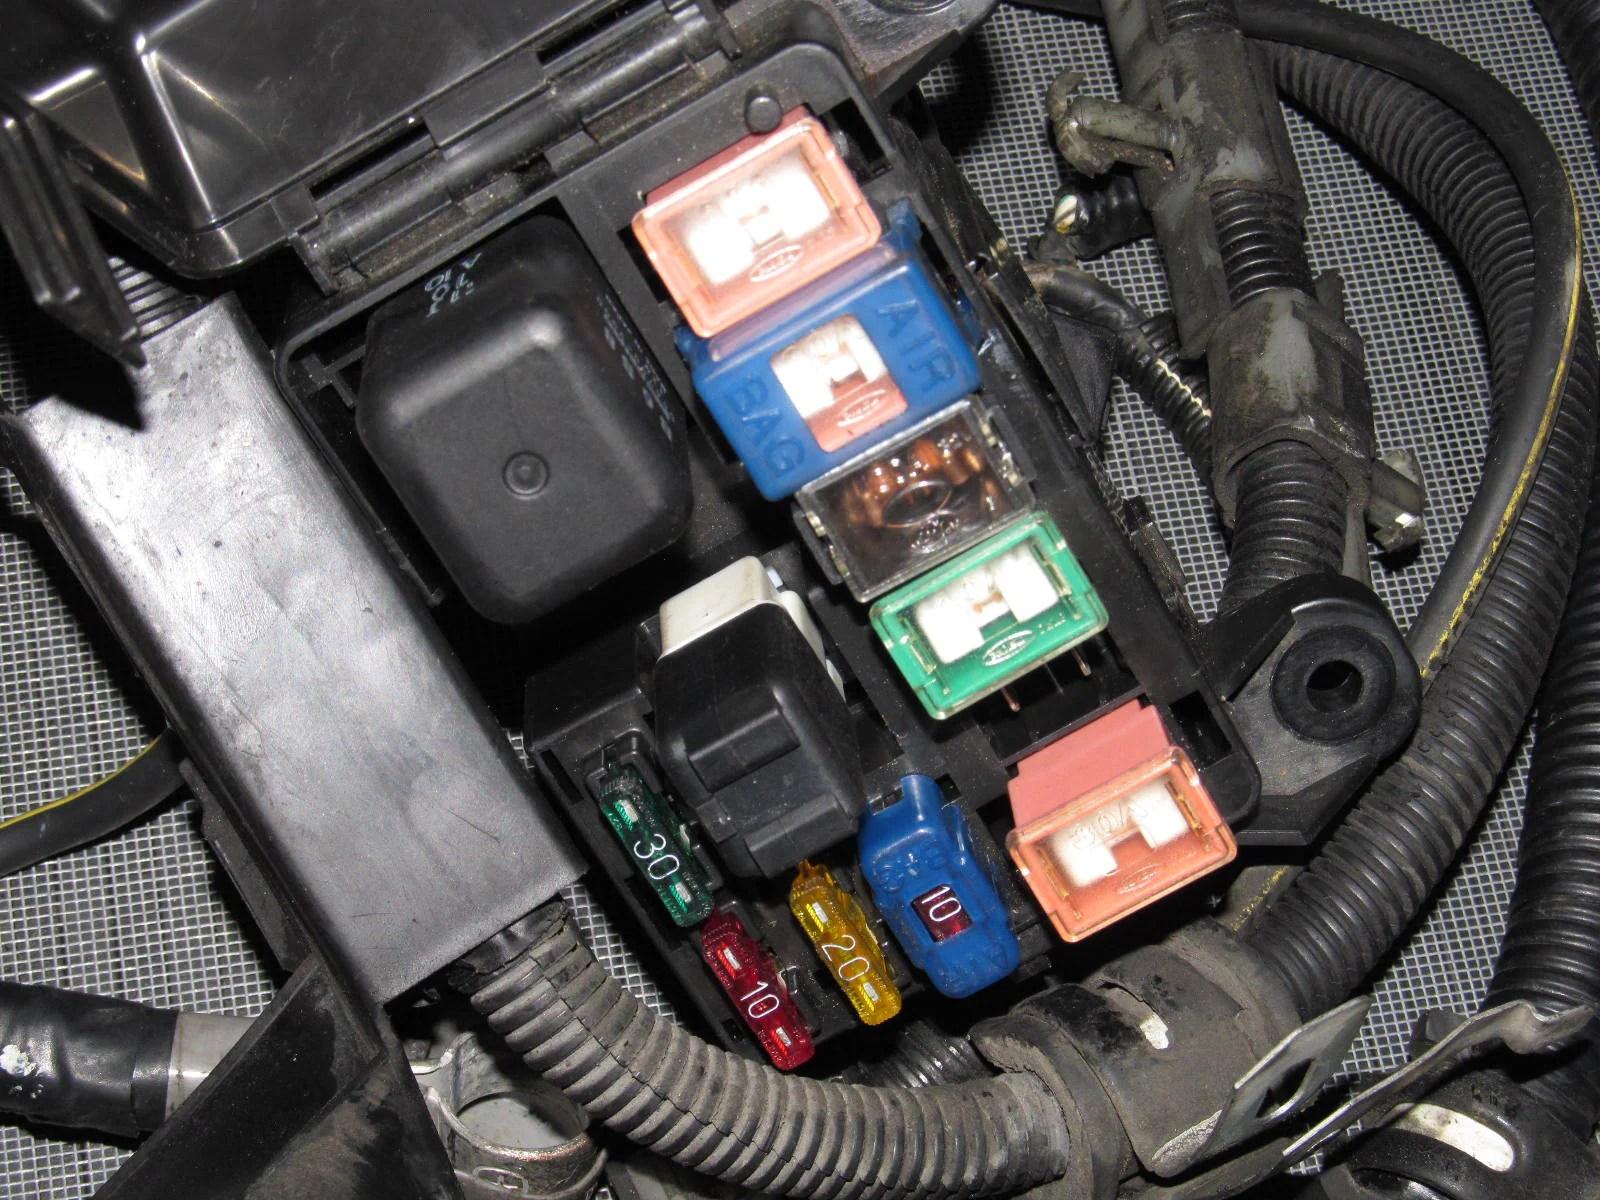 1991 mazda miata fuse box diagram fender stratocaster wiring hss 1999 fuel